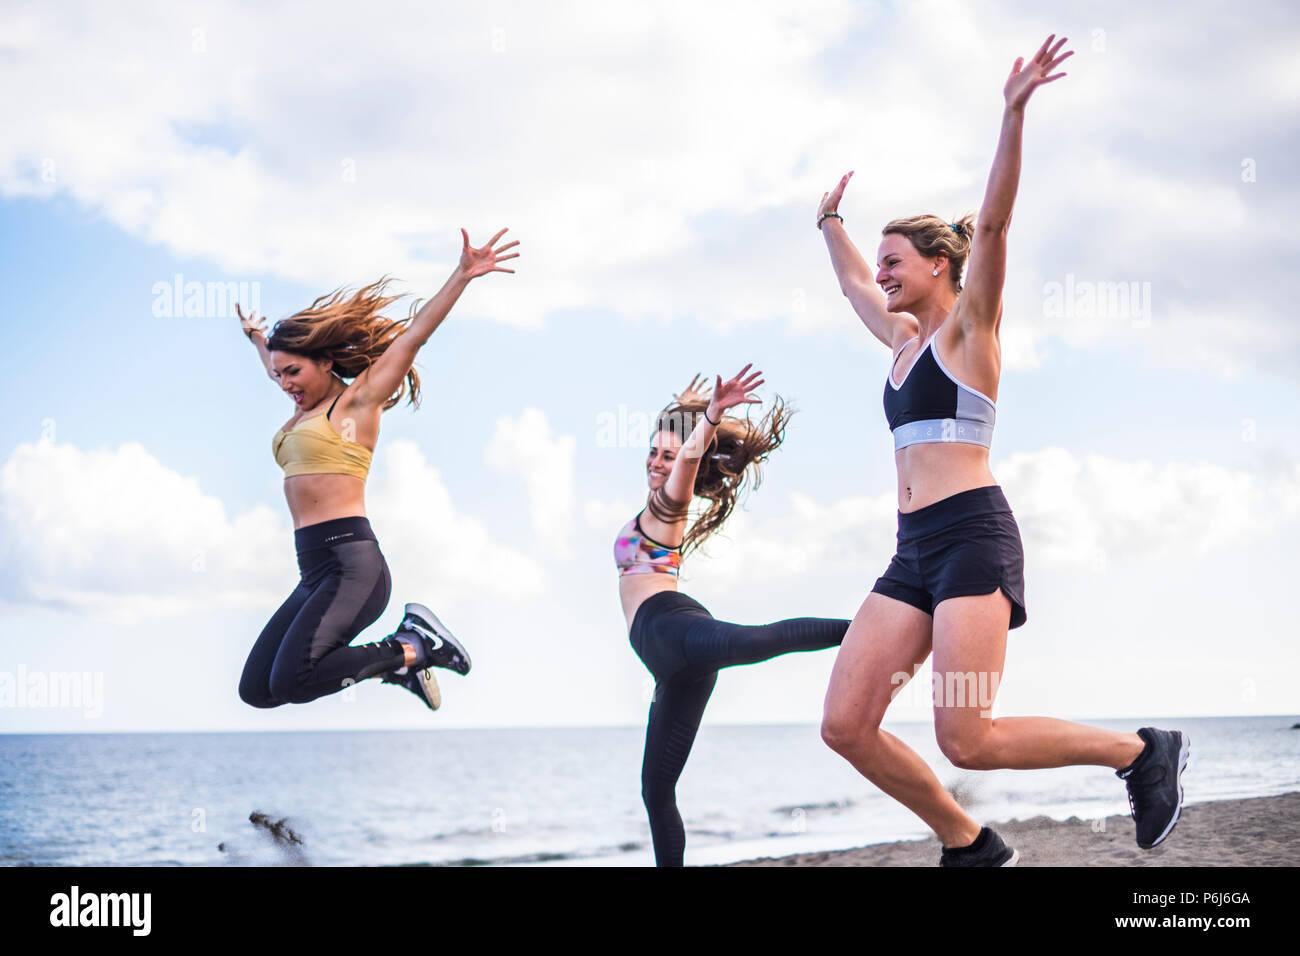 Tres hermosas bodí cacuasian niñas saltando en la playa haciendo ejercicio. fintess actividad deportiva al aire libre para el grupo de mujeres personas con oceaní Imagen De Stock